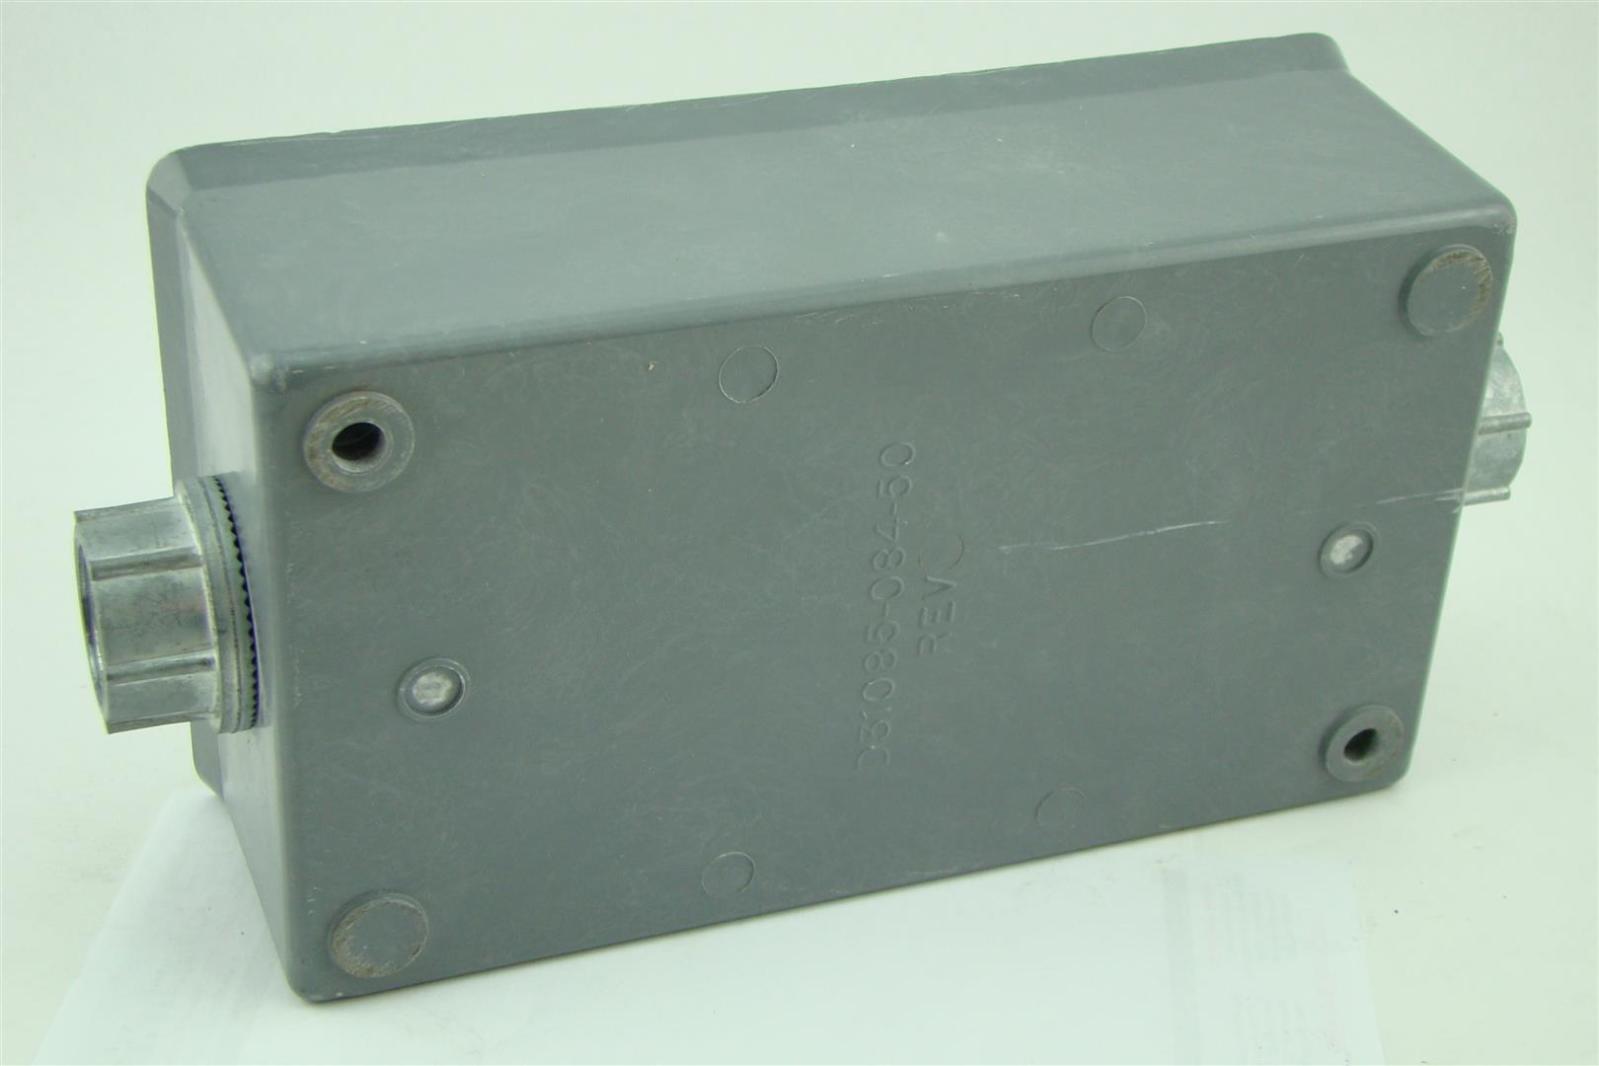 Square D Manual Motor Starter 2510mbw2 575v 5hp Max Ebay